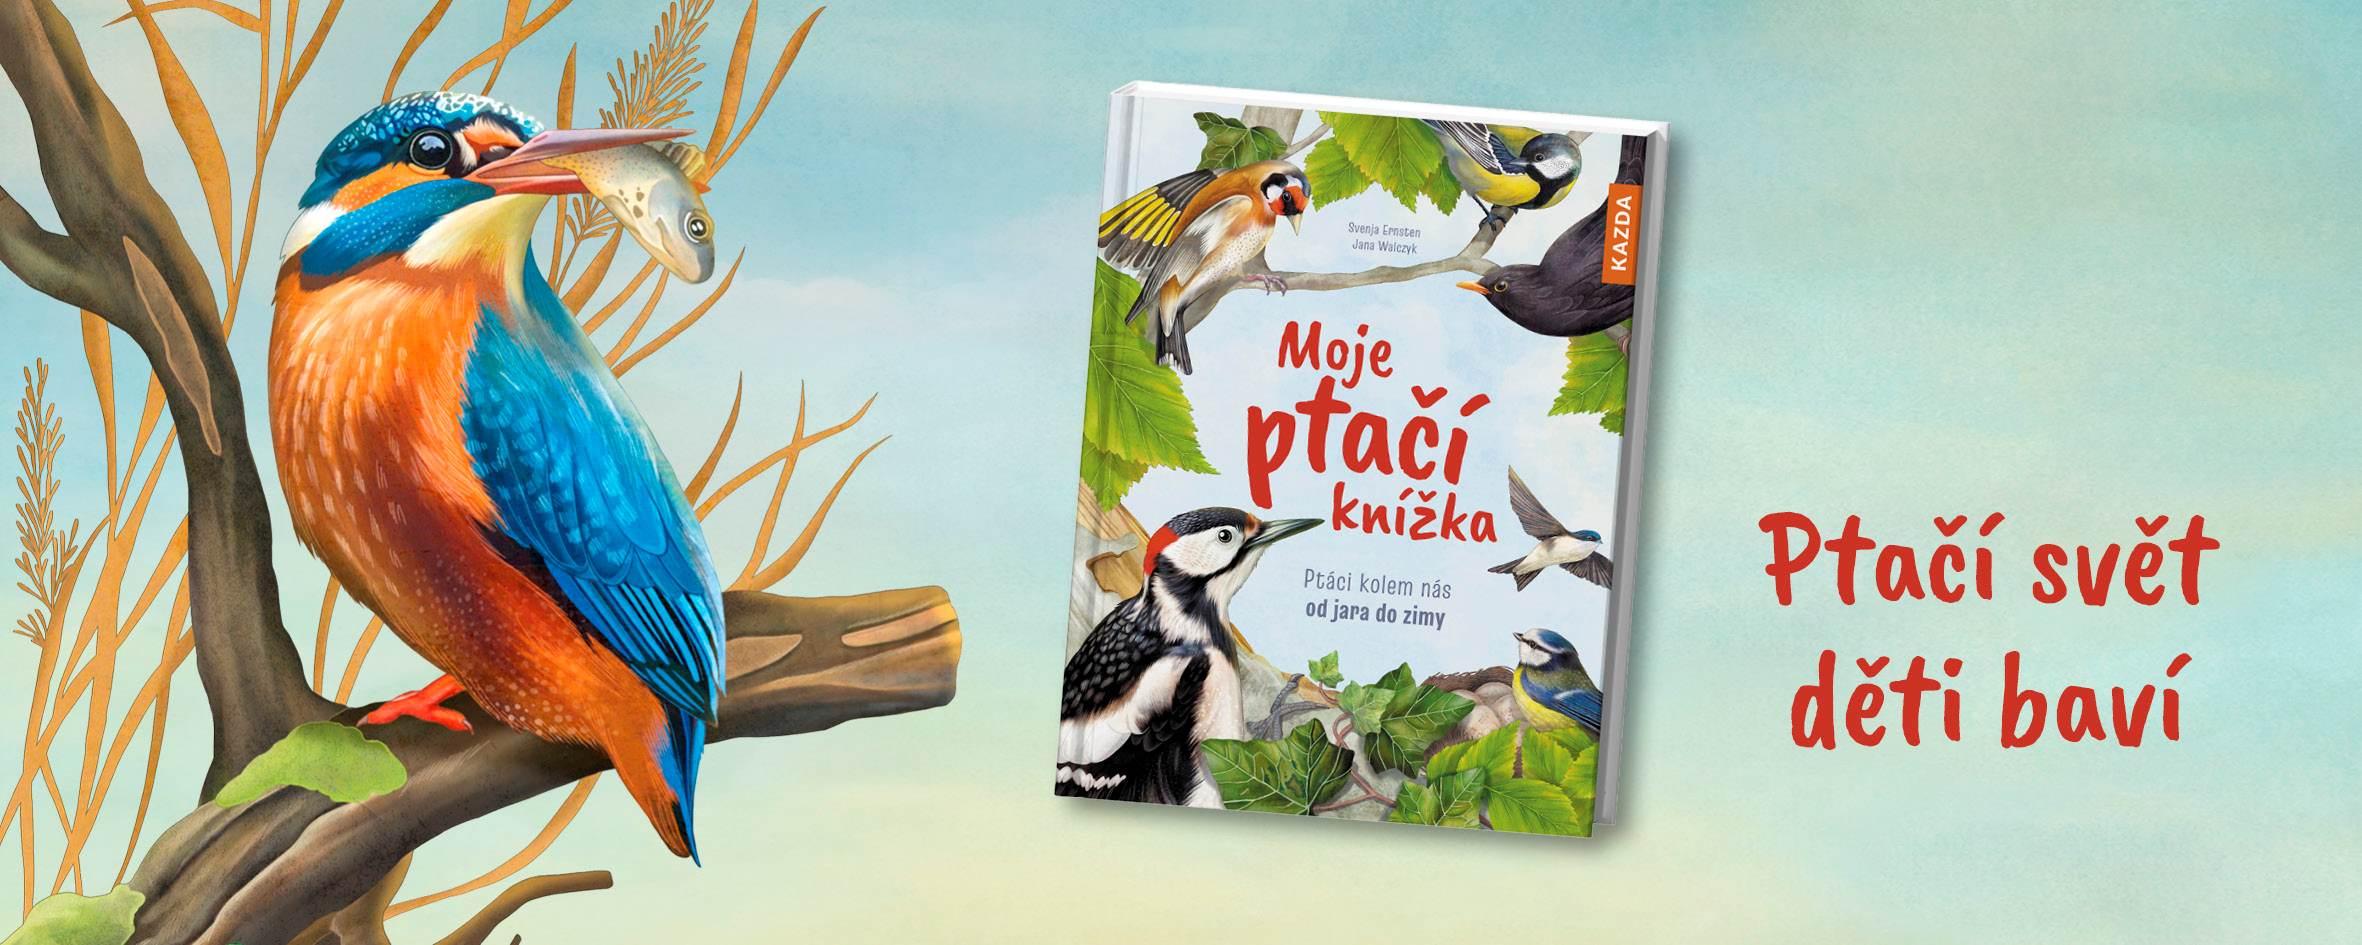 Knížka, se kterou bude děti bavit ptačí svět